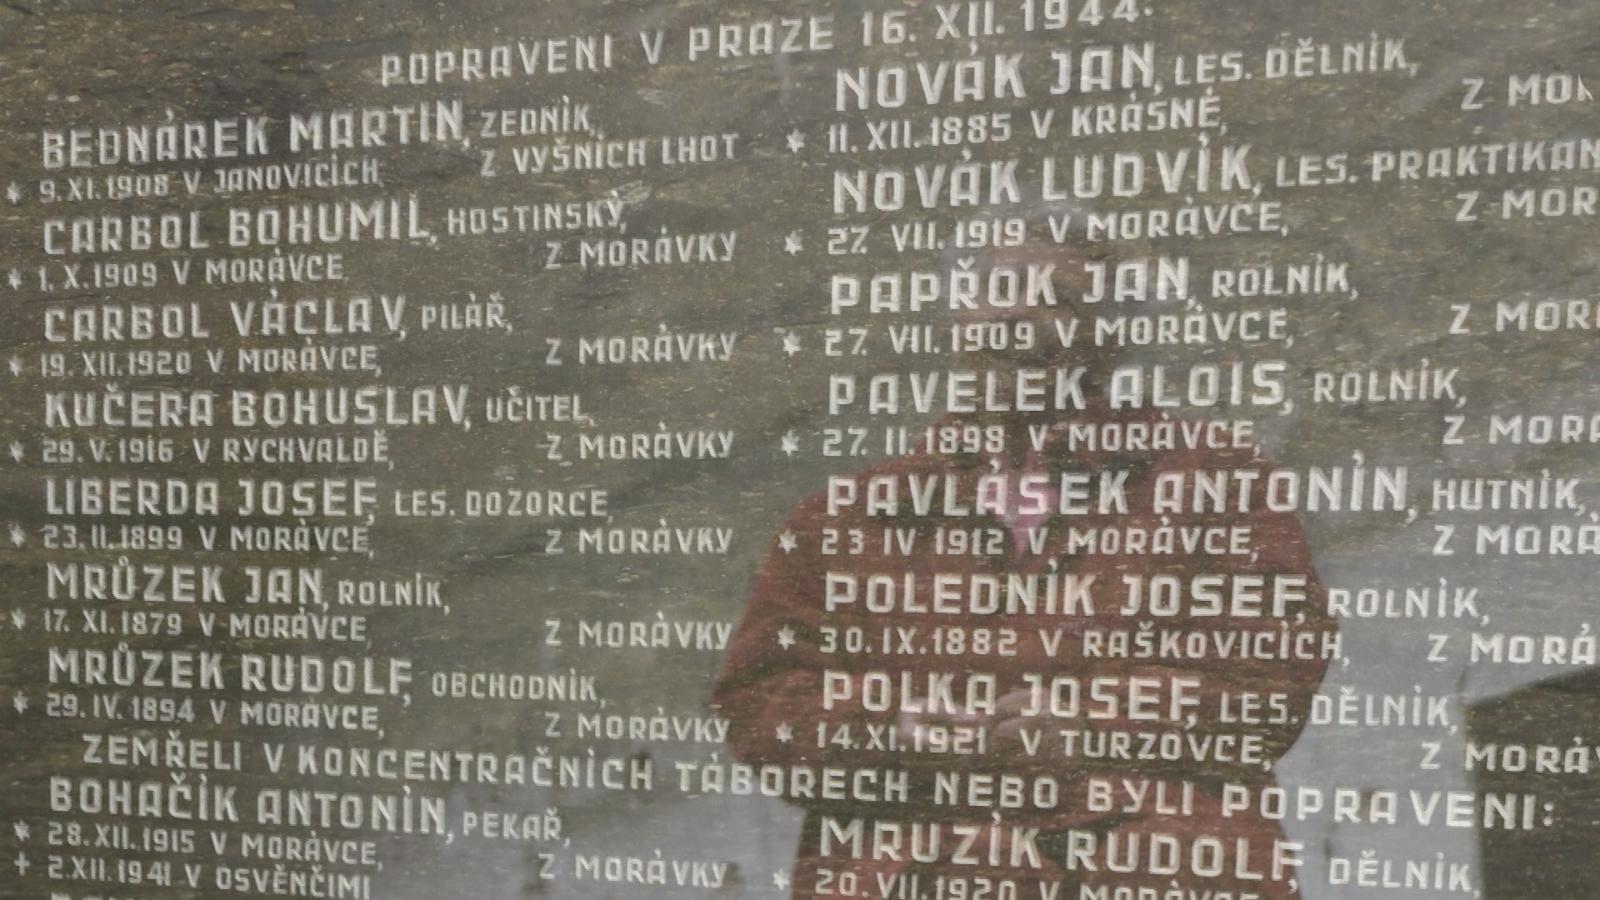 Pamětní deska popraveným lidem z Morávky v Beskydech